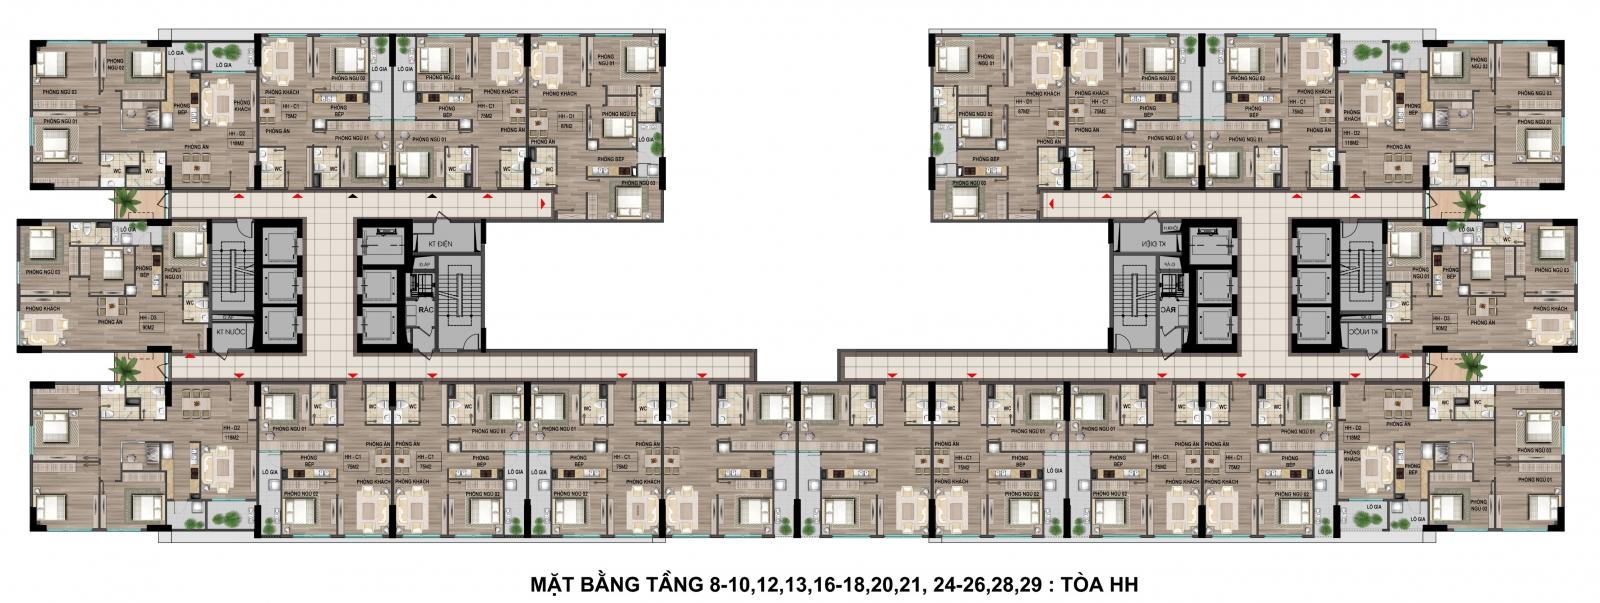 mat-bang-tang-8-10